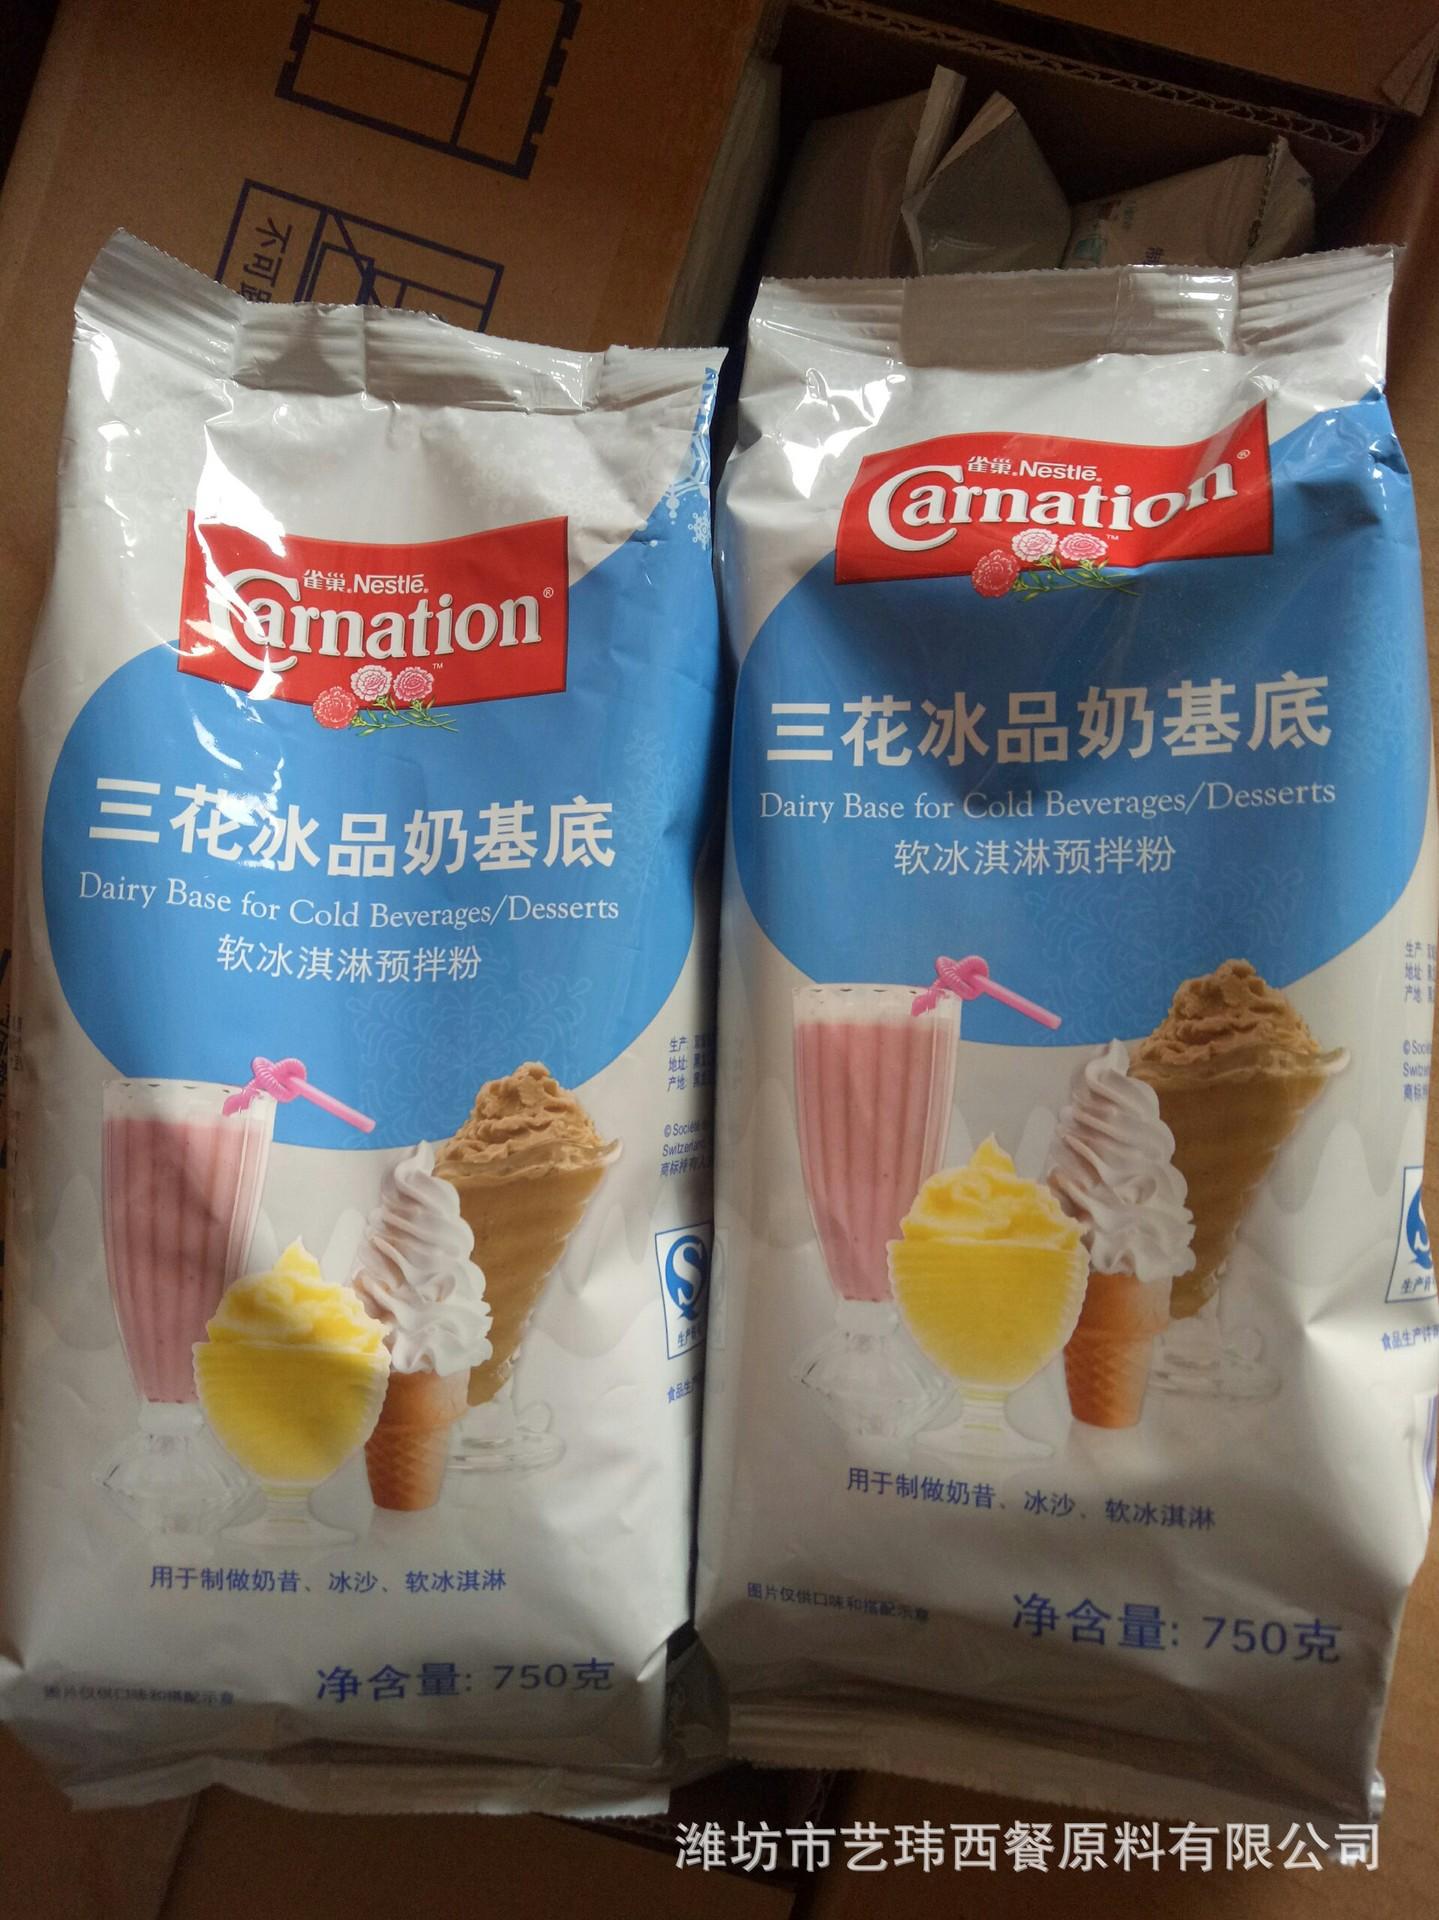 雀巢三花冰品奶基底750g冰淇淋预拌粉奶茶店奶昔冰沙粉